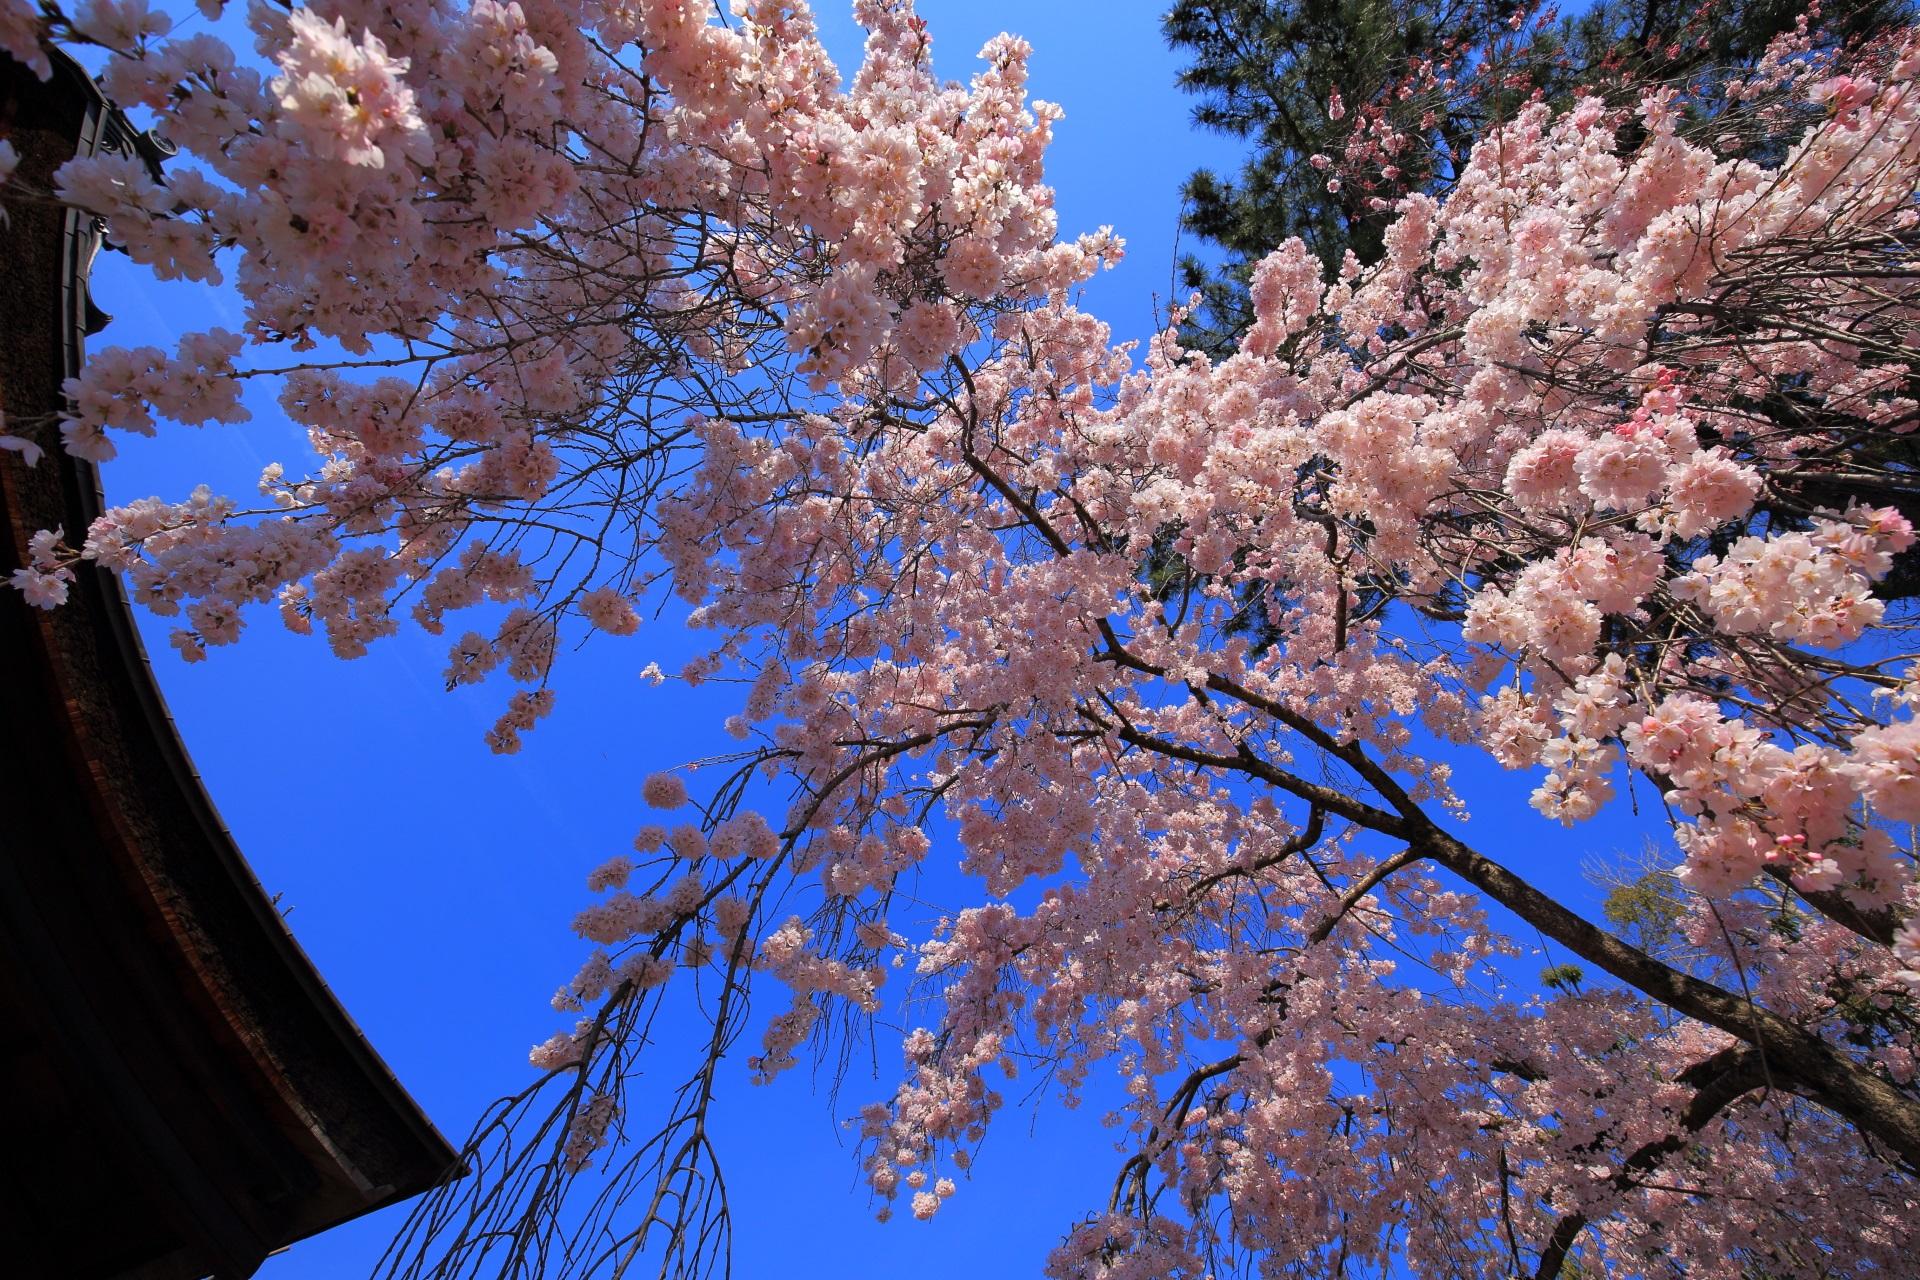 社殿のシルエットと青空に映えるピンクの桜